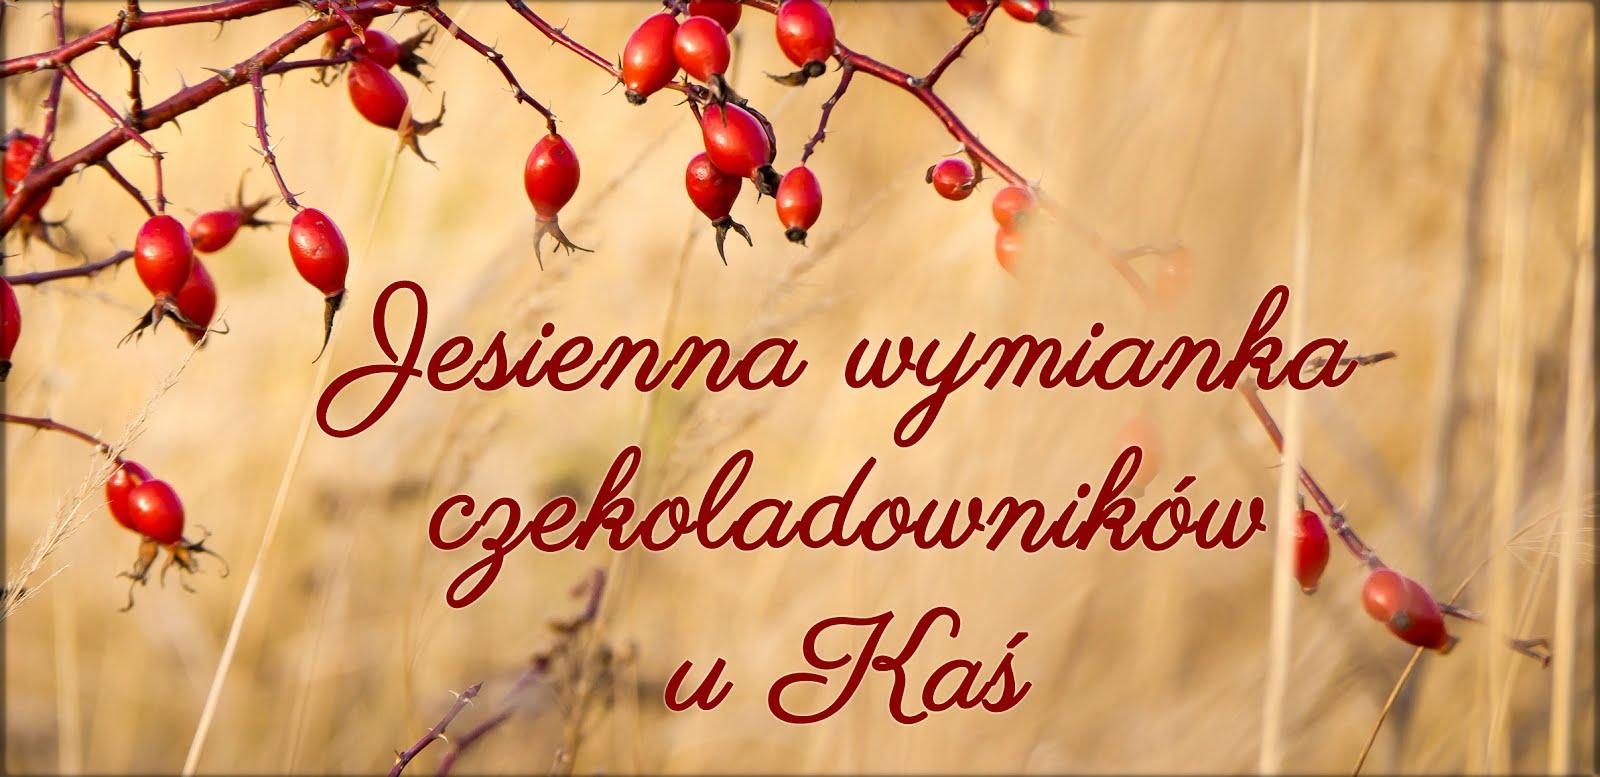 Podaruj czekoladownik pachnący jesienią :)